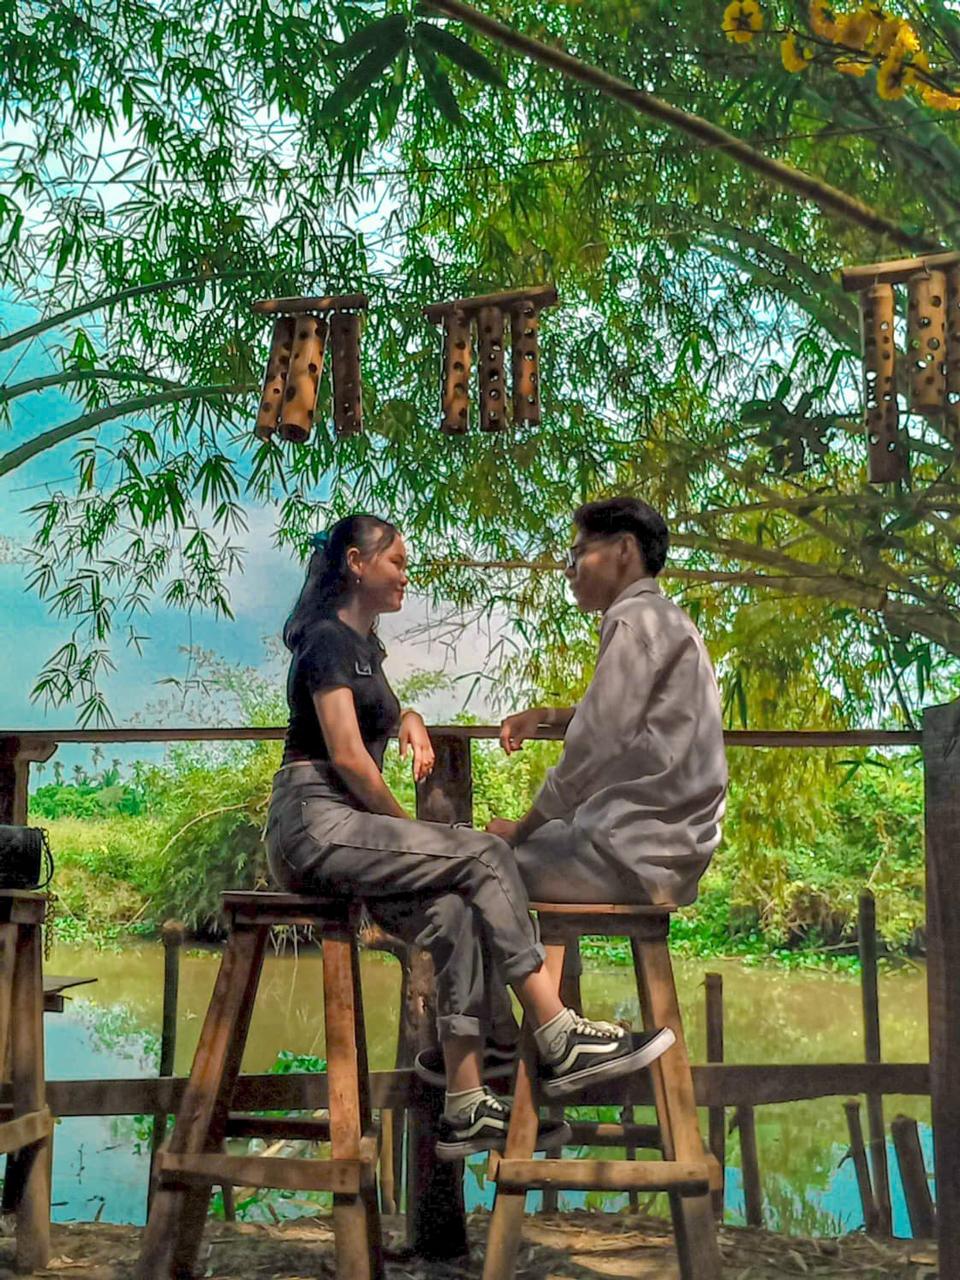 Khung cảnh lãng mạn cho các cặp đôi